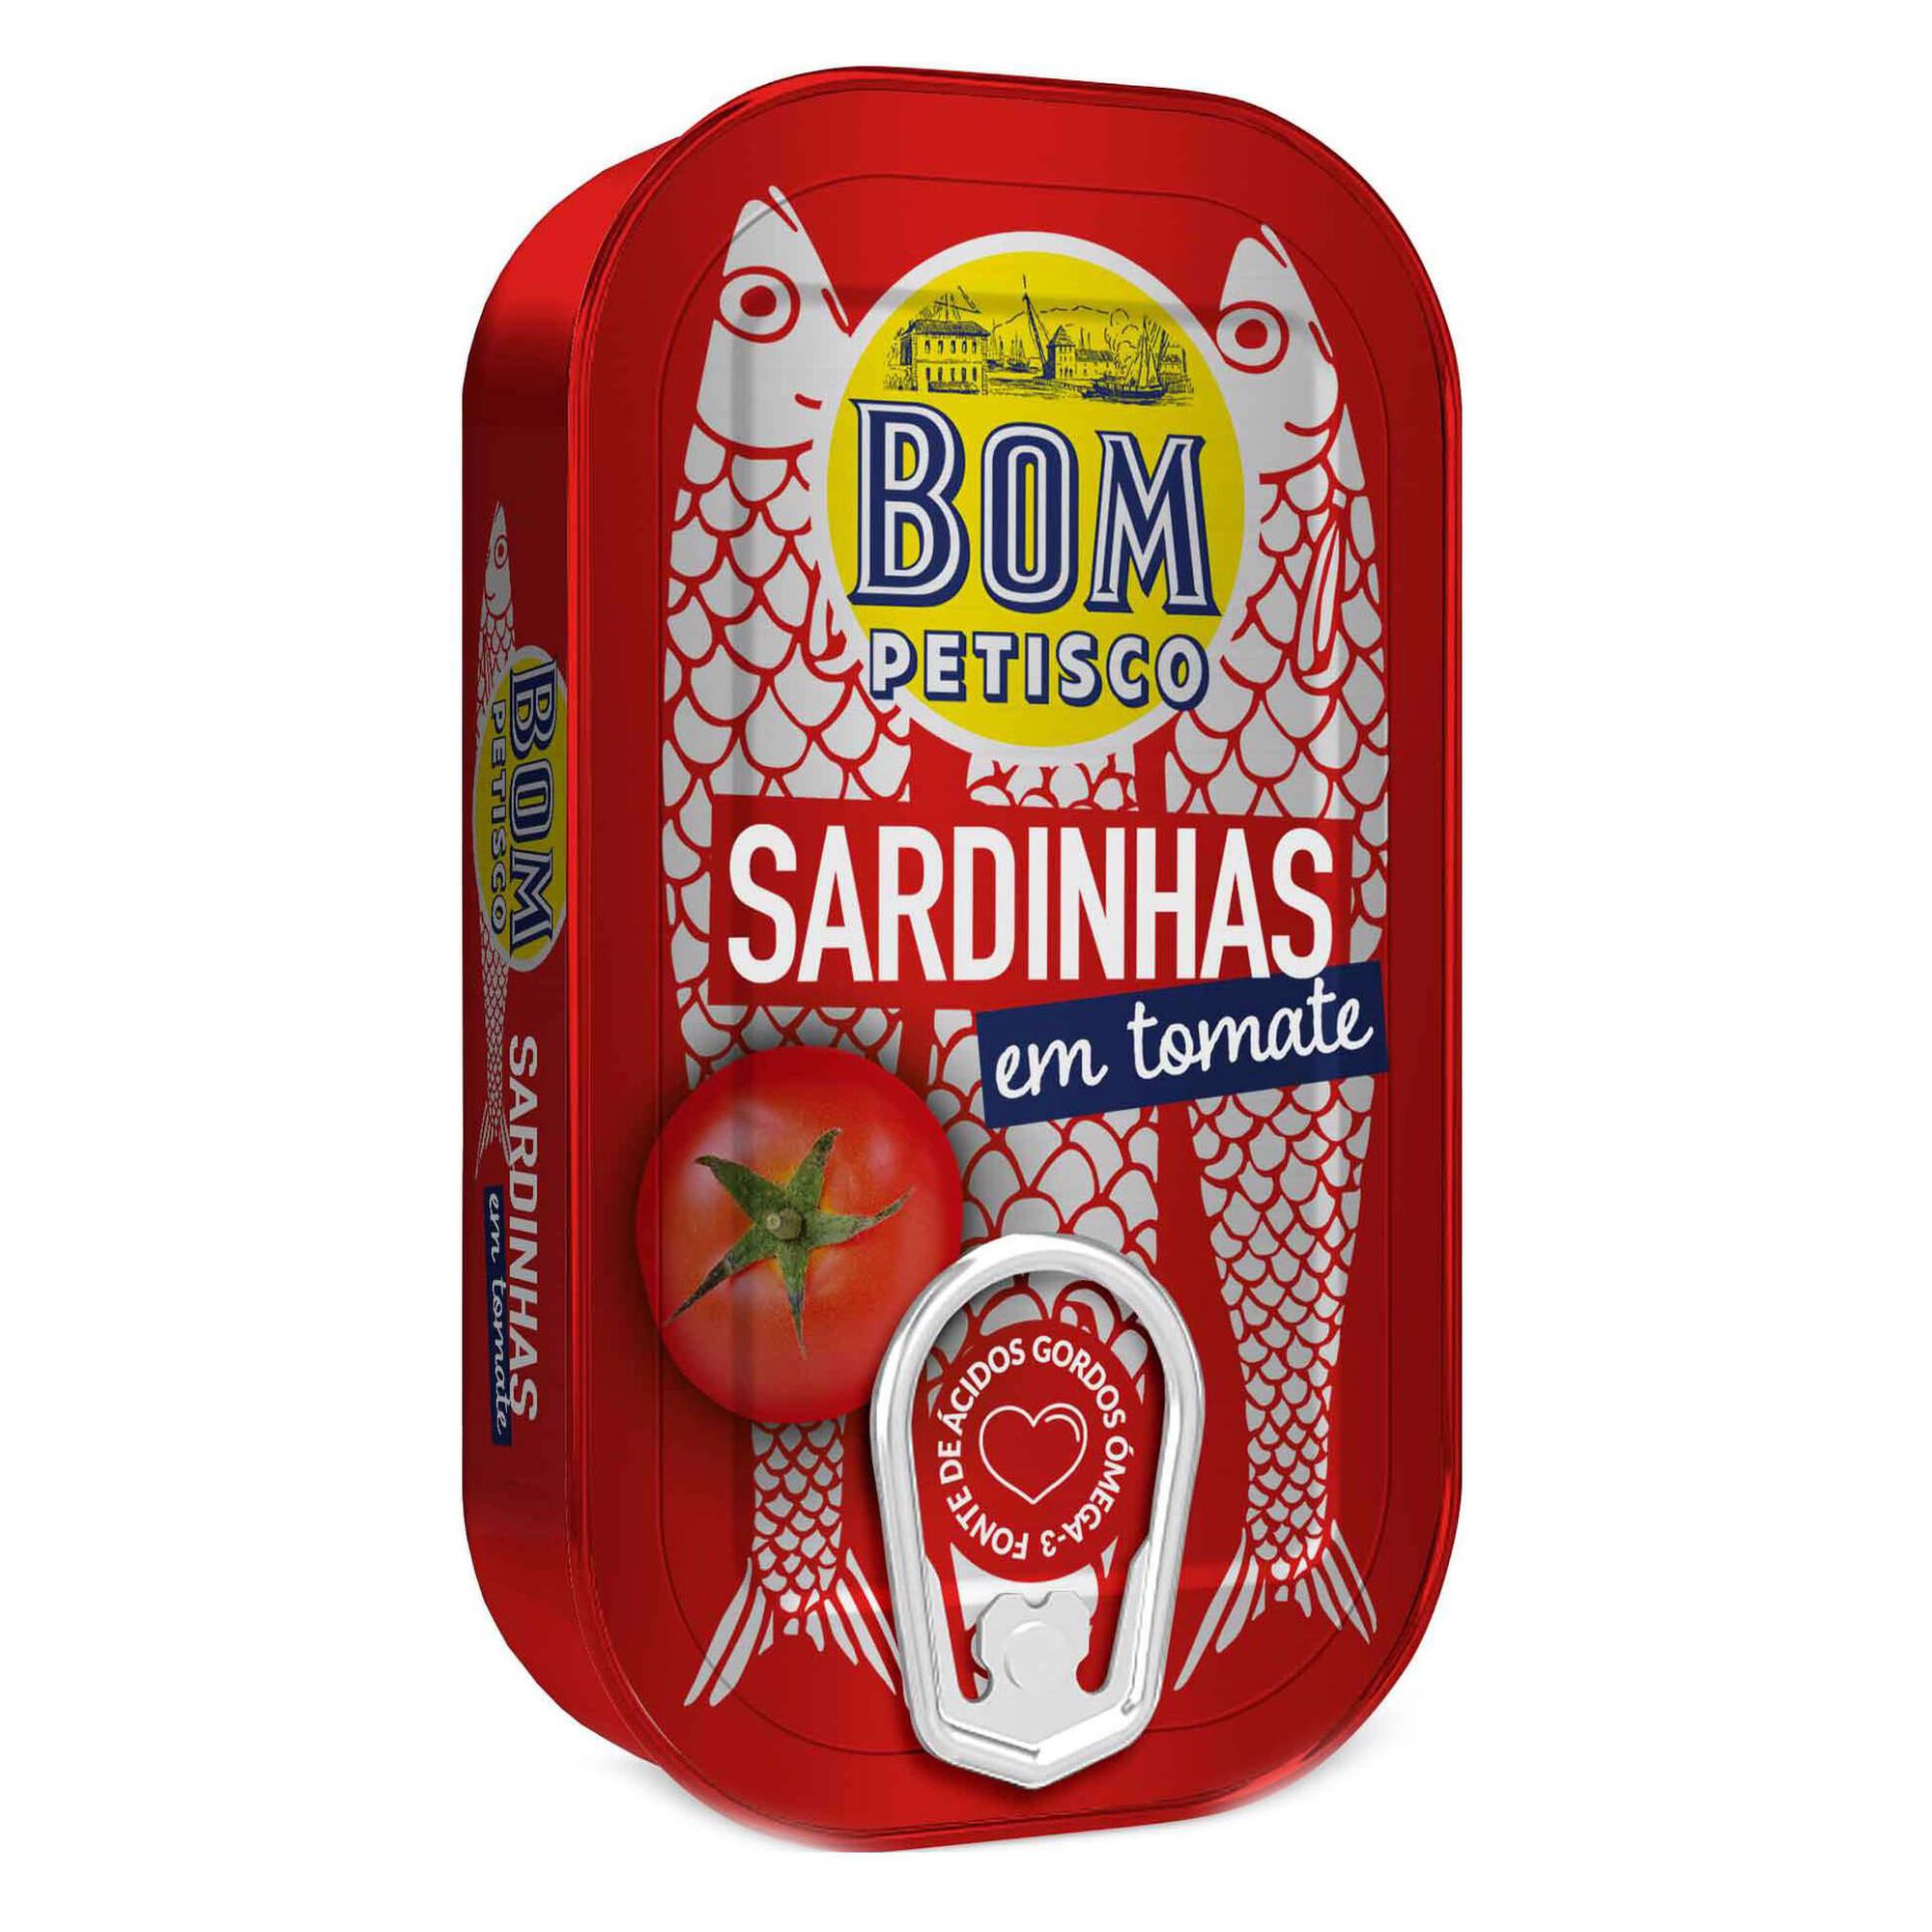 Sardinha em Tomate